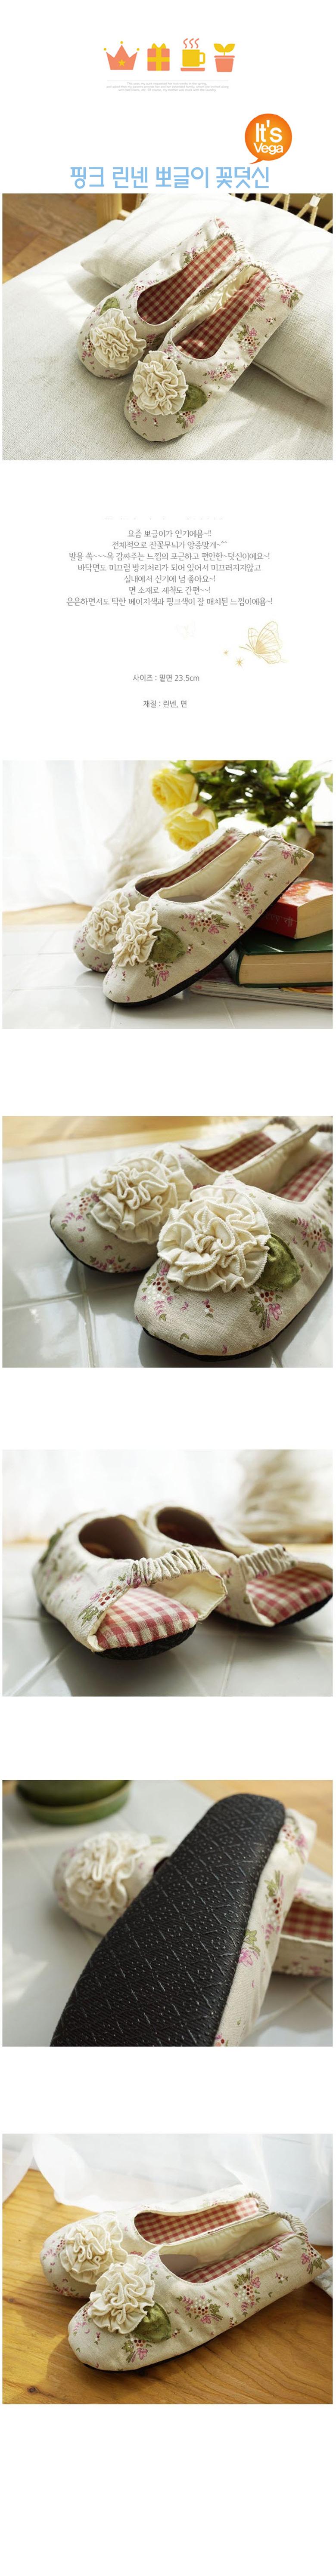 핑크 린넨 뽀글이 꽃덧신 - 카라멜라 바이 베가, 19,000원, 슬리퍼/거실화, 덮개형